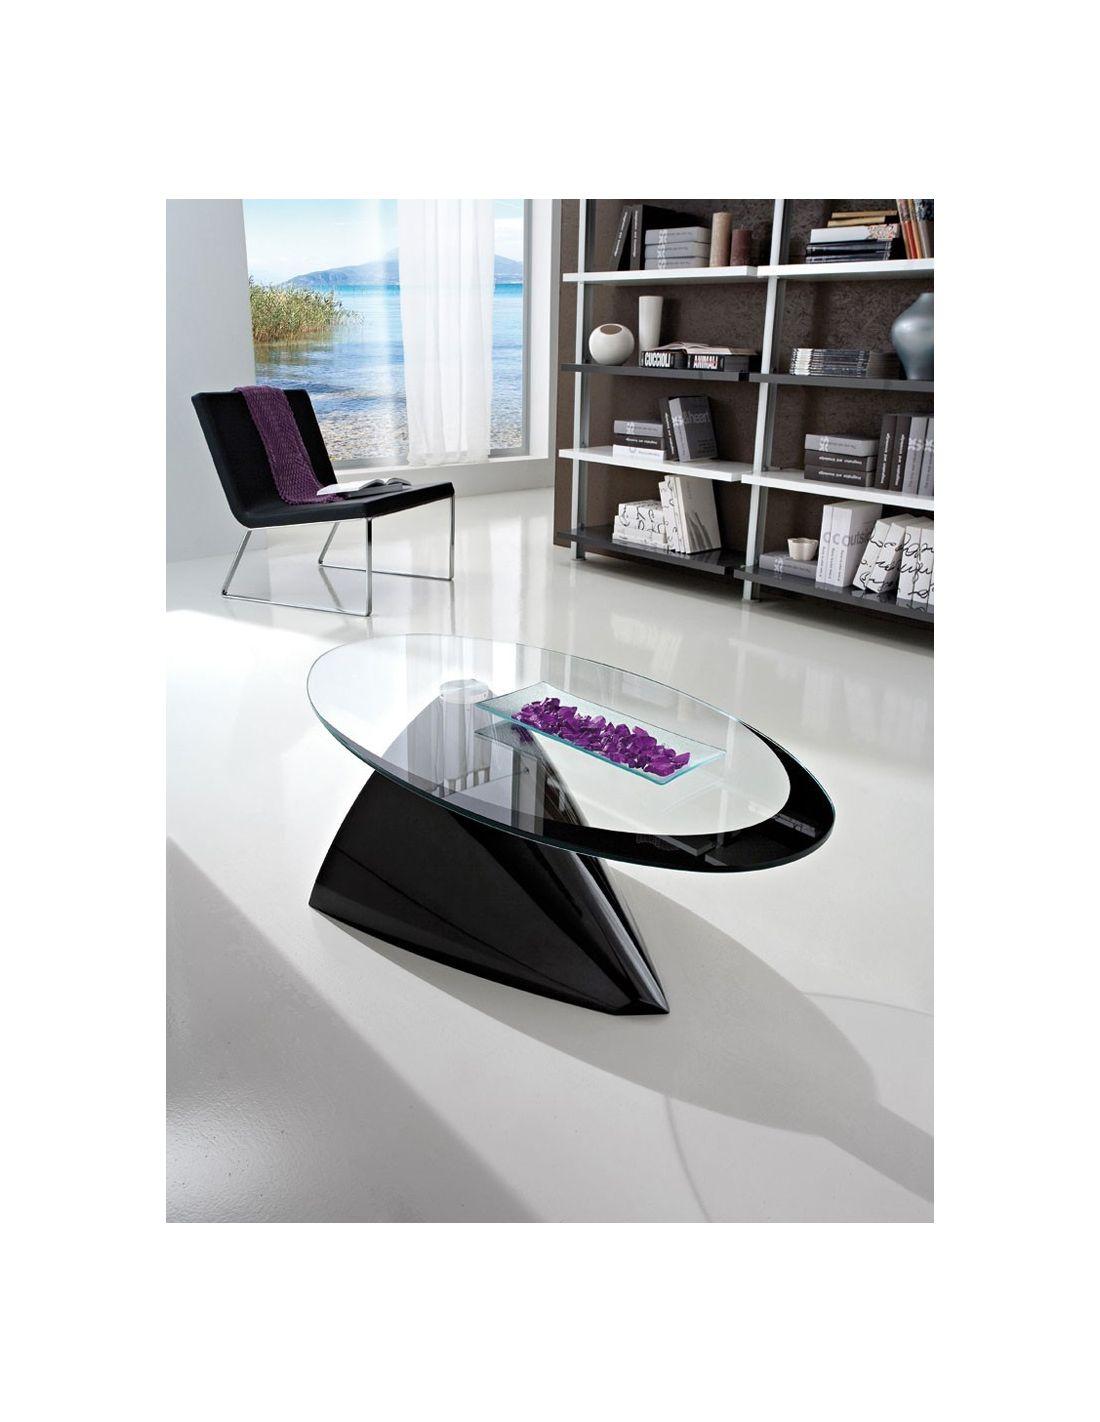 Home > Giorno > Tavolini > Dalvin tavolino in vetro da soggiorno ...